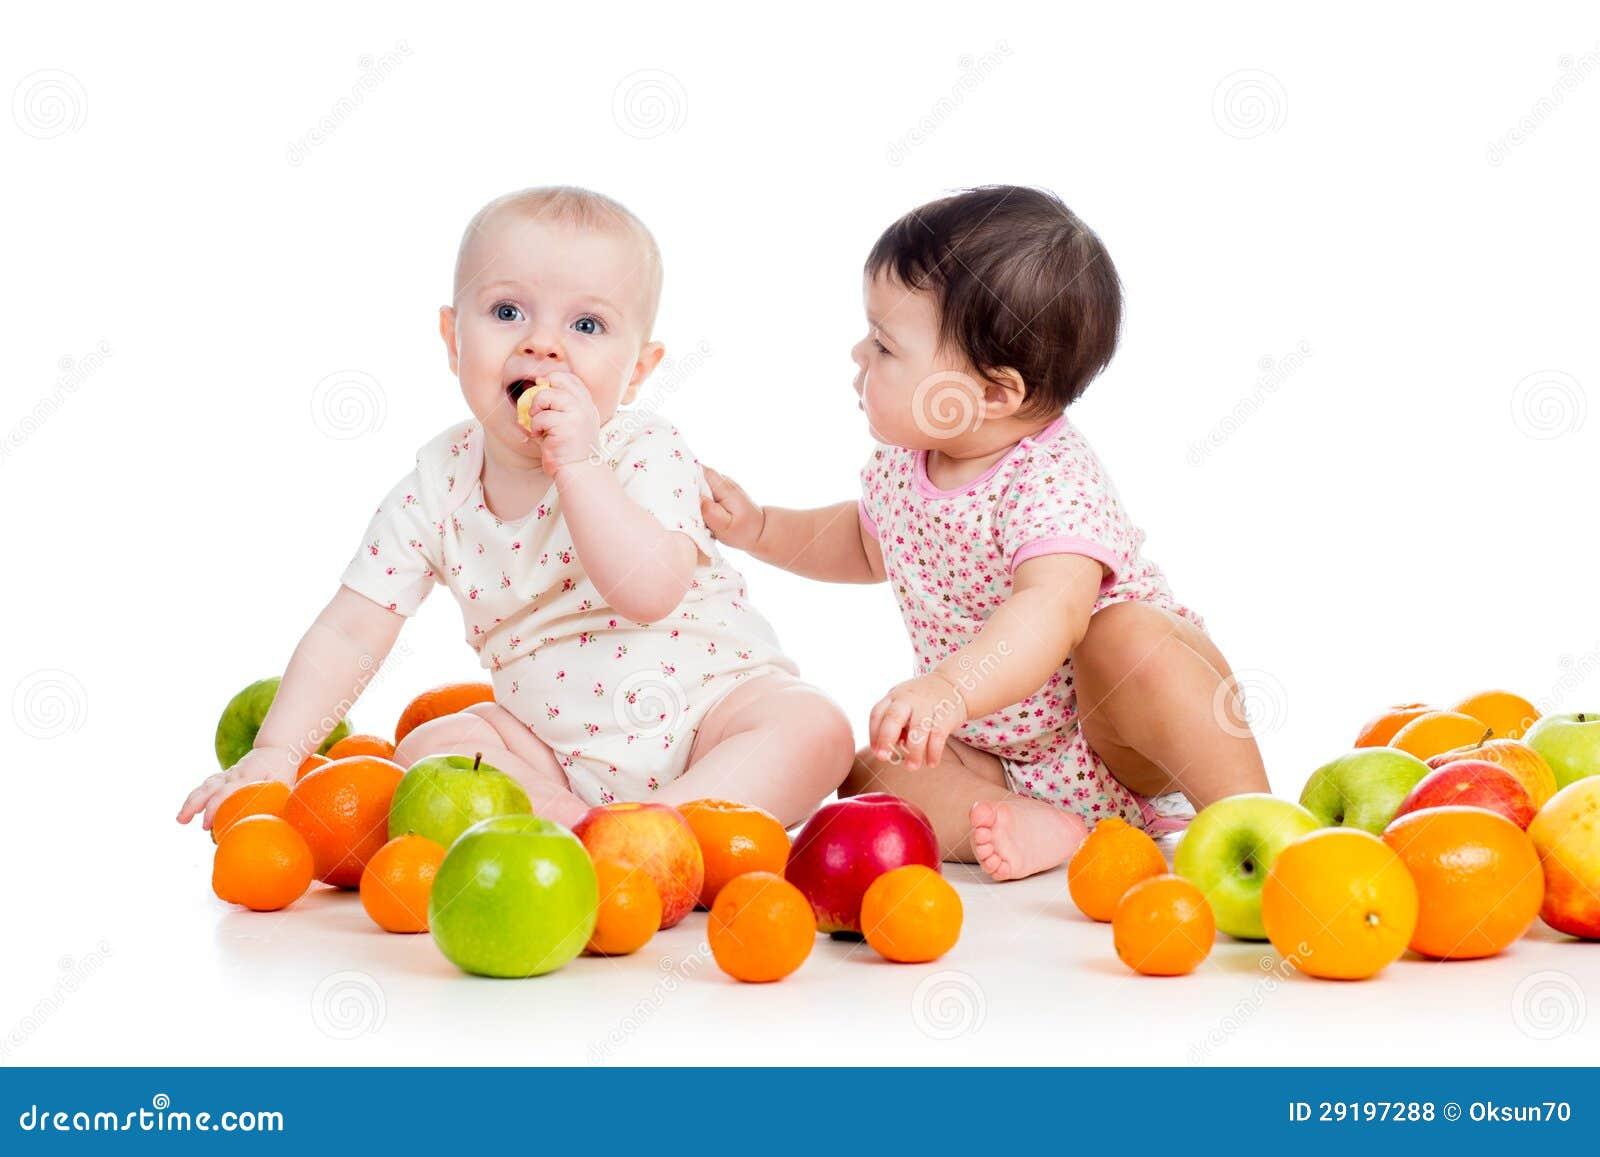 kids babies eating healthy food fruits